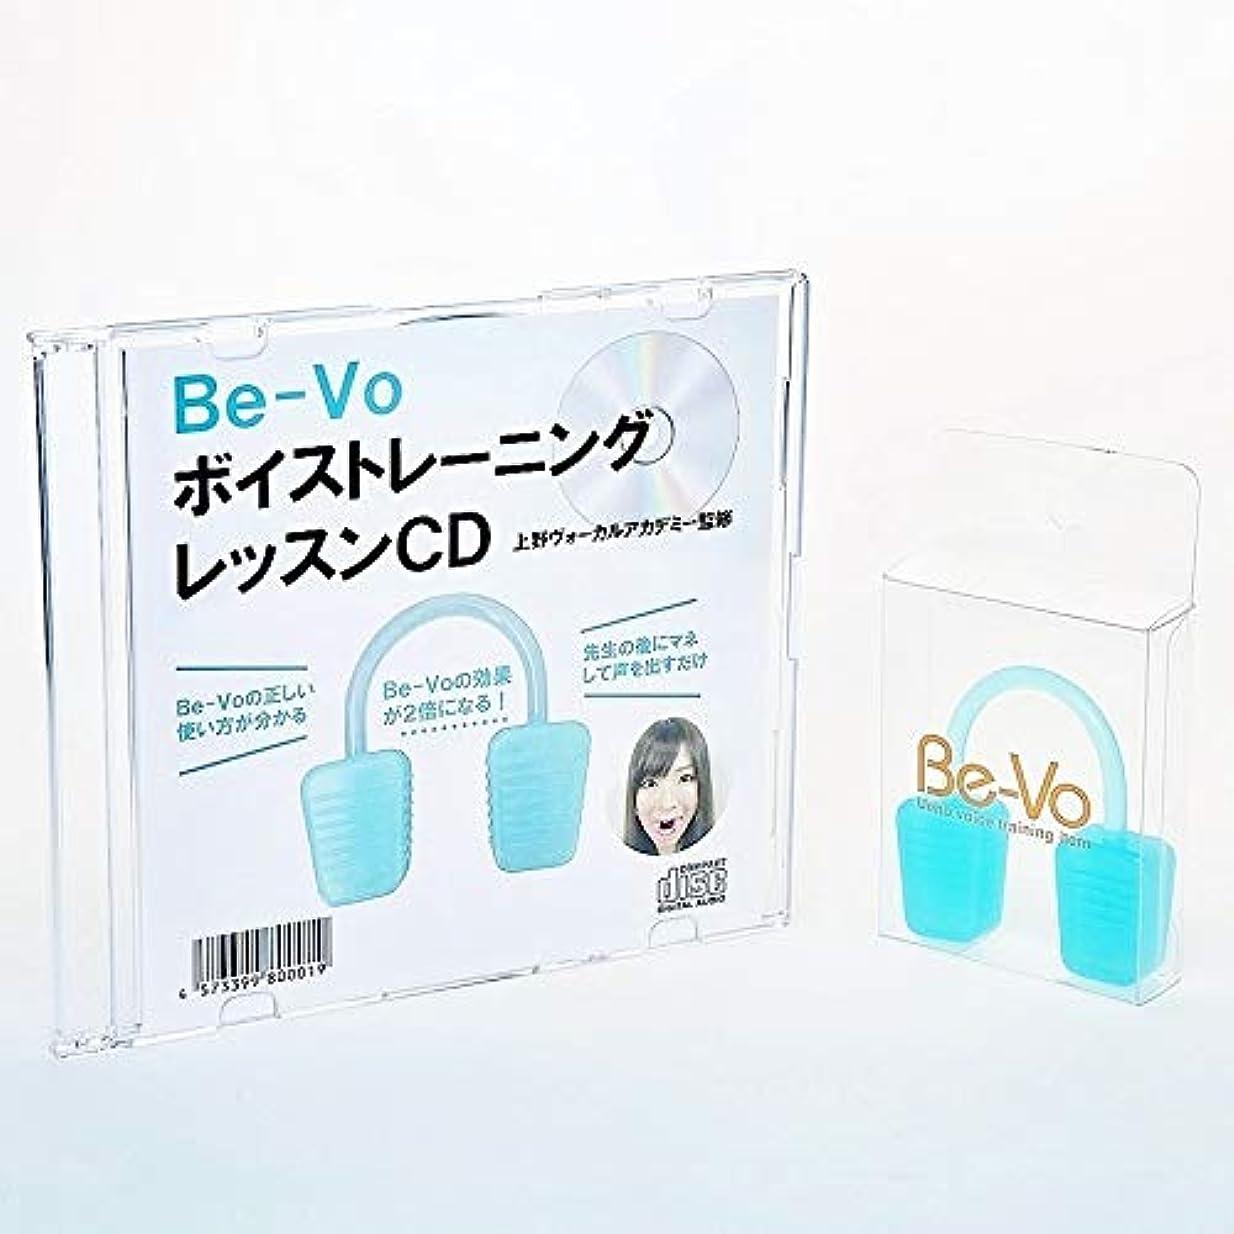 トレーニング排他的のりBe-Vo CD セット ブルー|ボイストレーニング器具Be-Vo(ビーボ)+Be-VoボイストレーニングレッスンCD2点セット